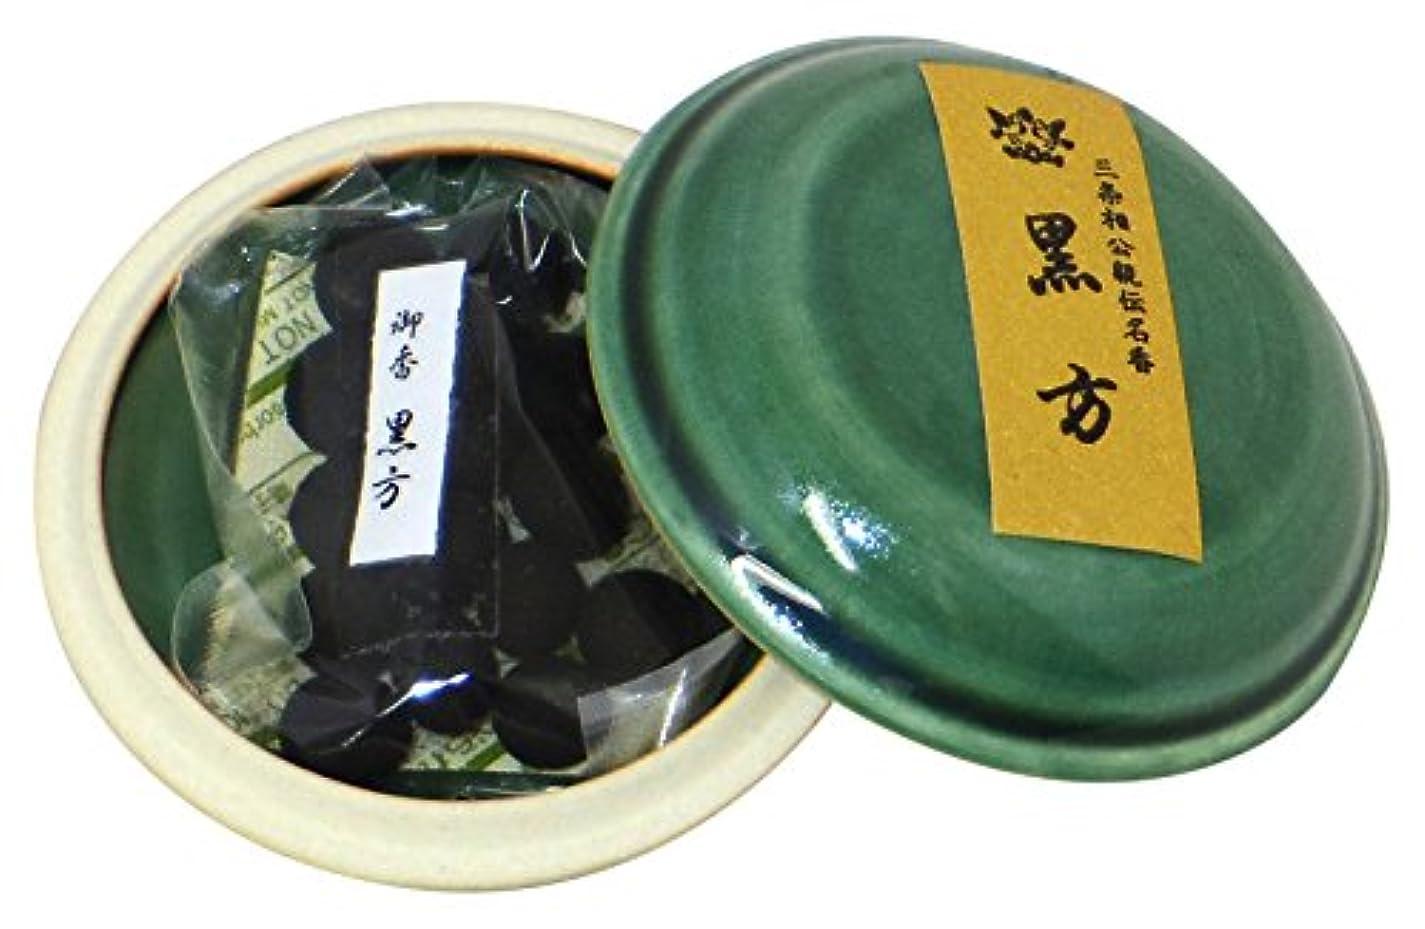 咳代表大混乱鳩居堂の煉香 御香 黒方 桐箱 たと紙 陶器香合8g入 #501